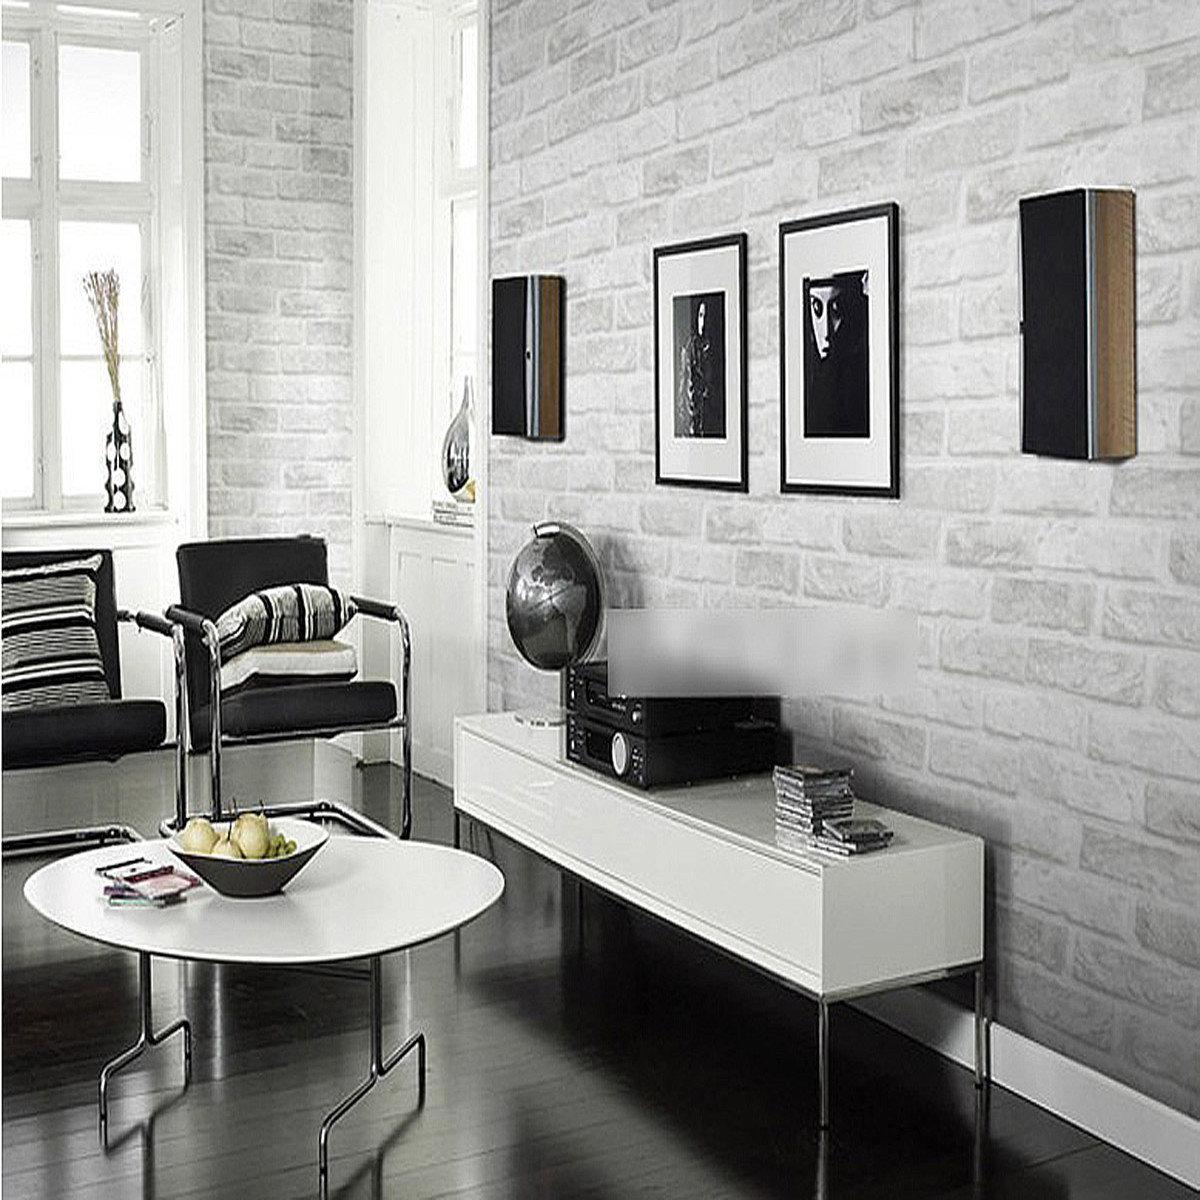 3d ziegelstein muster tapete rolle wei grau strukturierte tapeten home improvement wand dekor - 3d tapeten wand ...